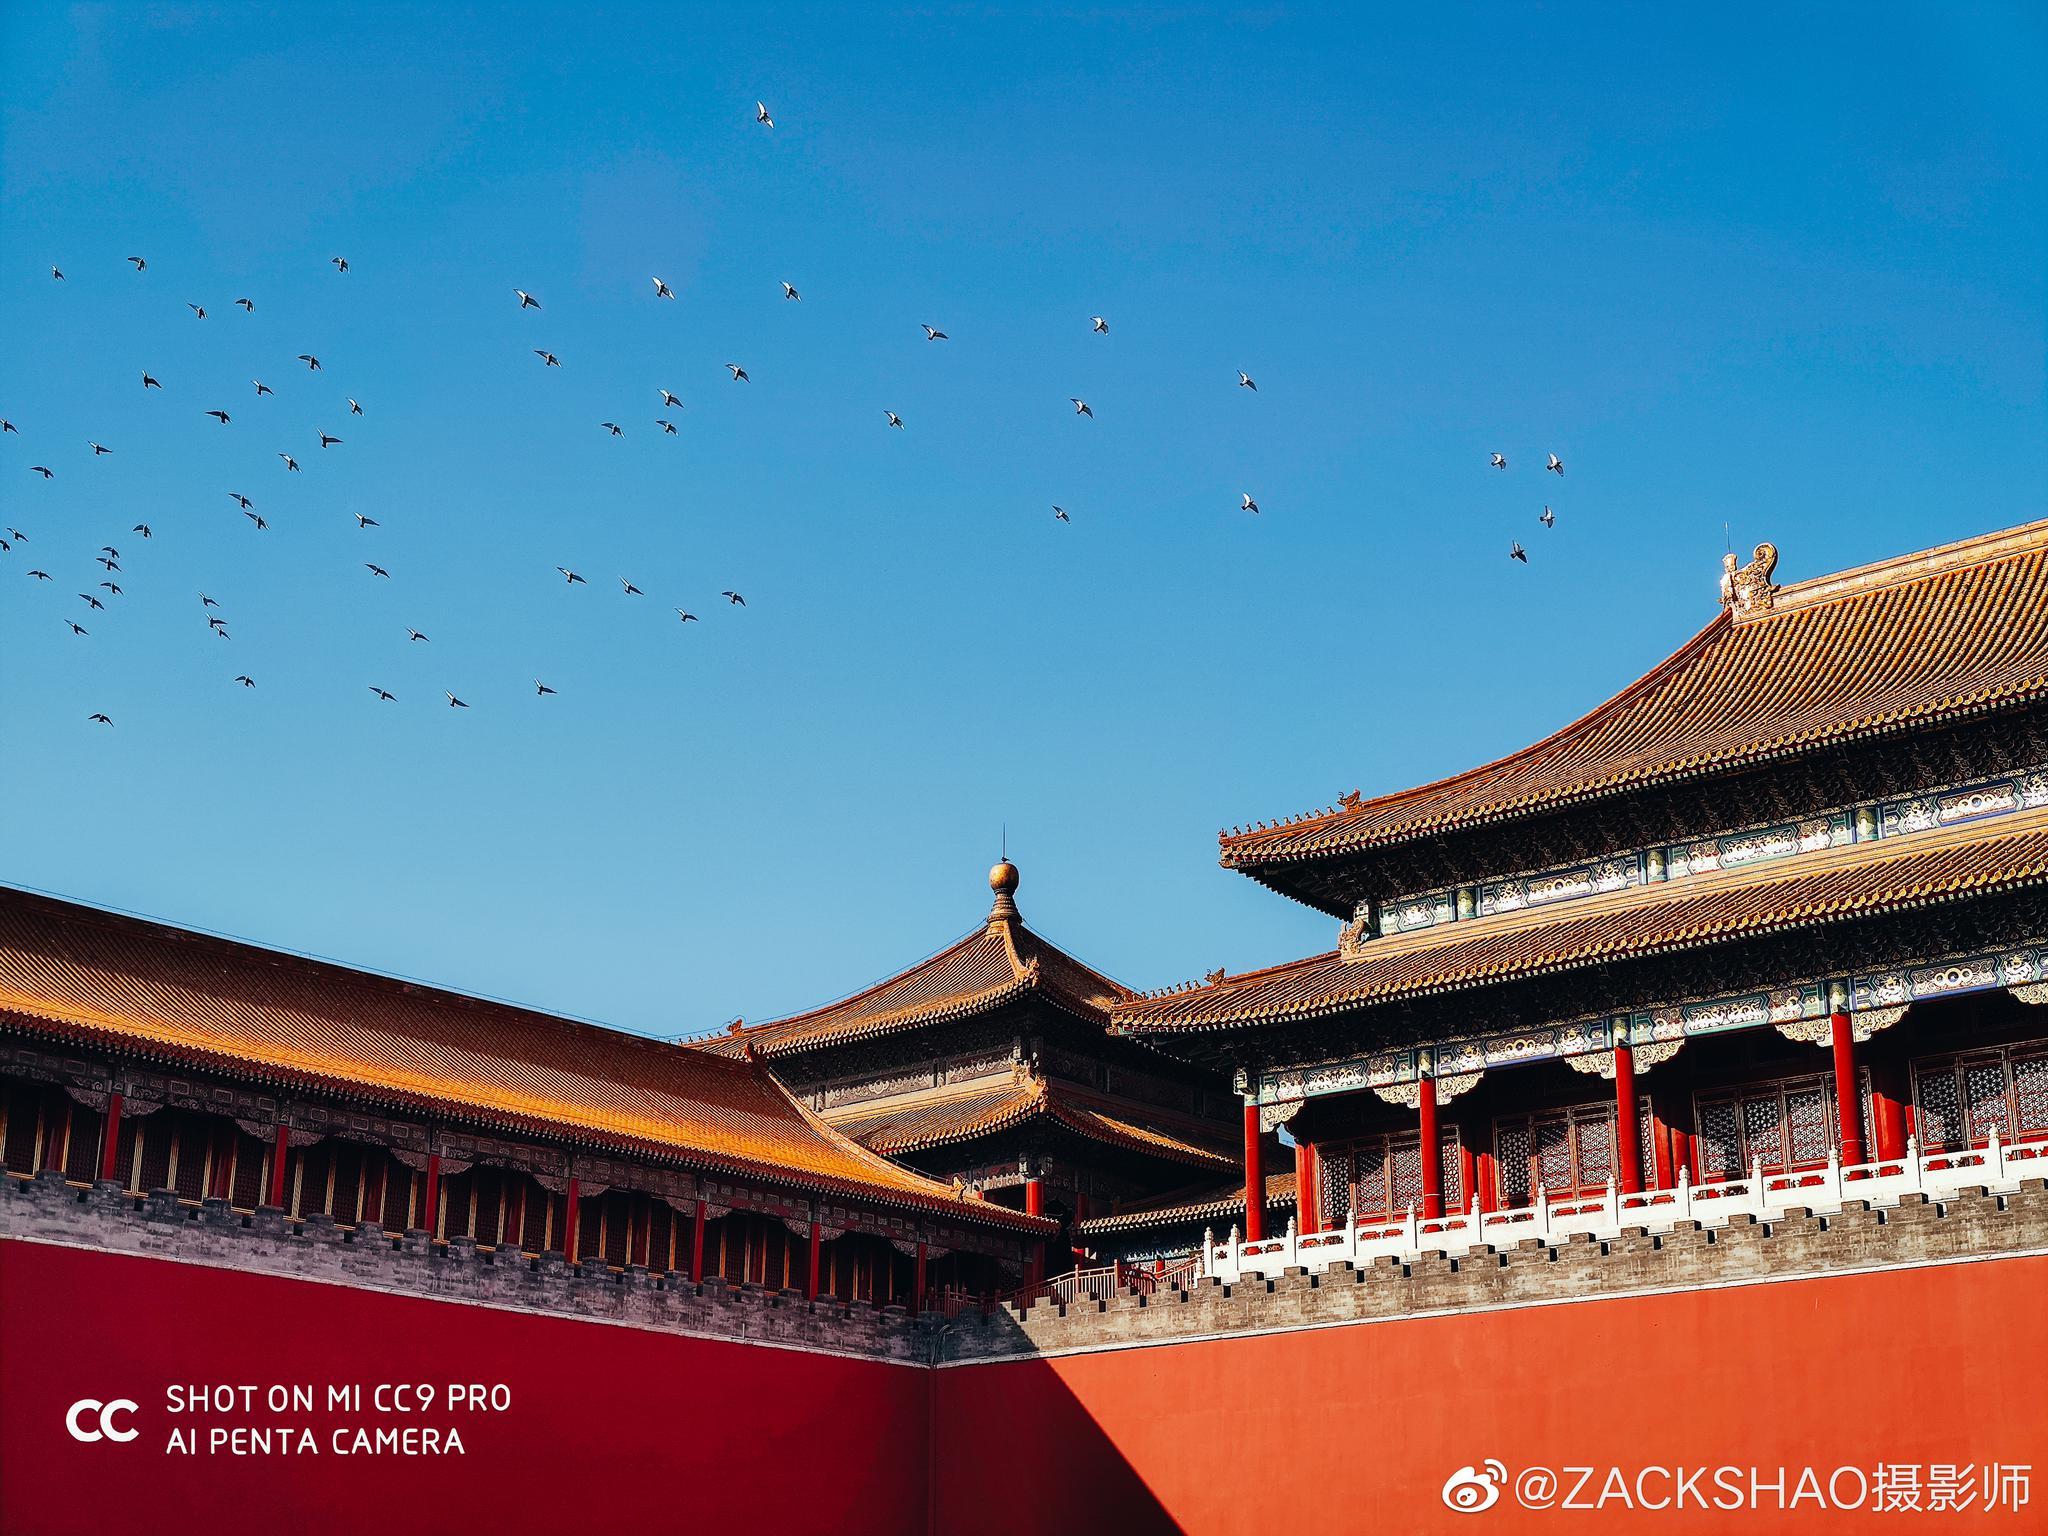 秋日紫禁城 一年千年 @手机摄影 @小米手机